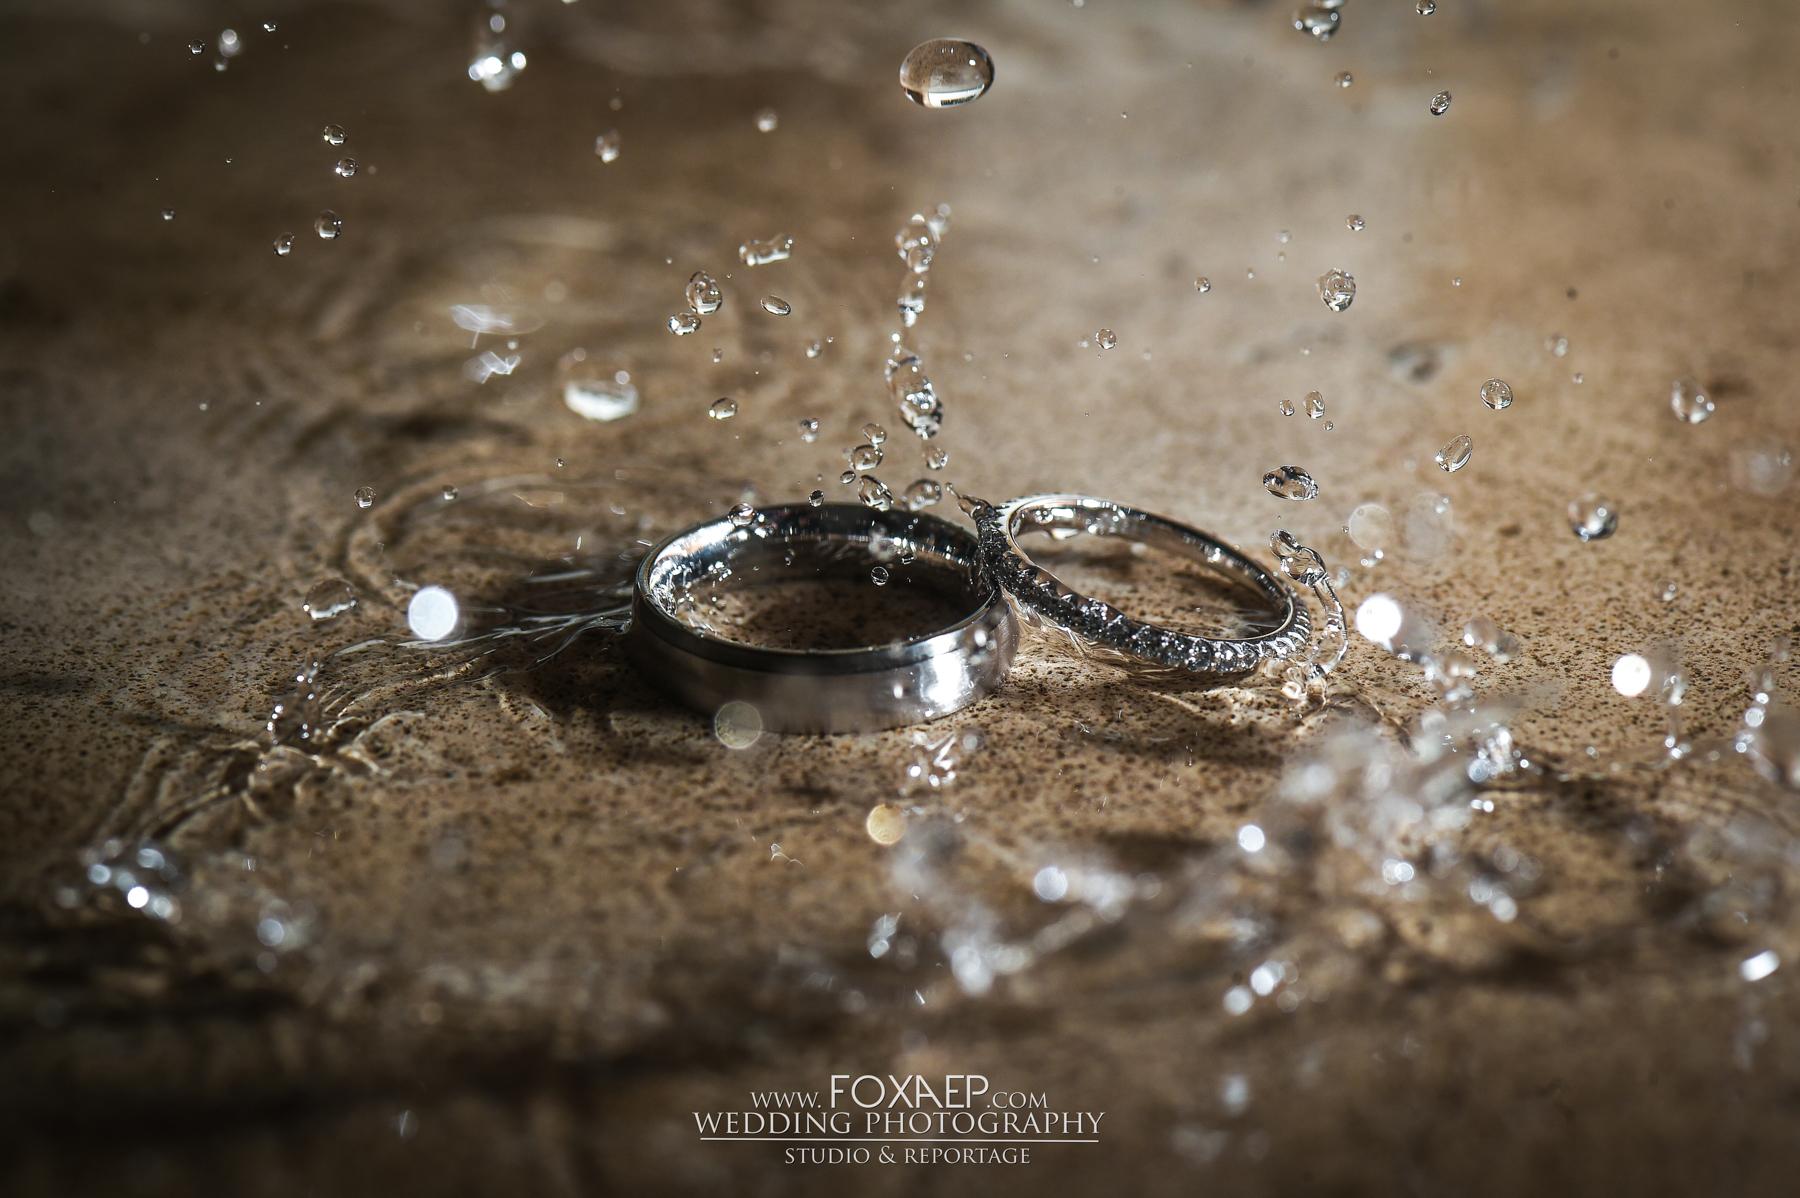 foxaep-photographe-mariage-france-burgandy-5526